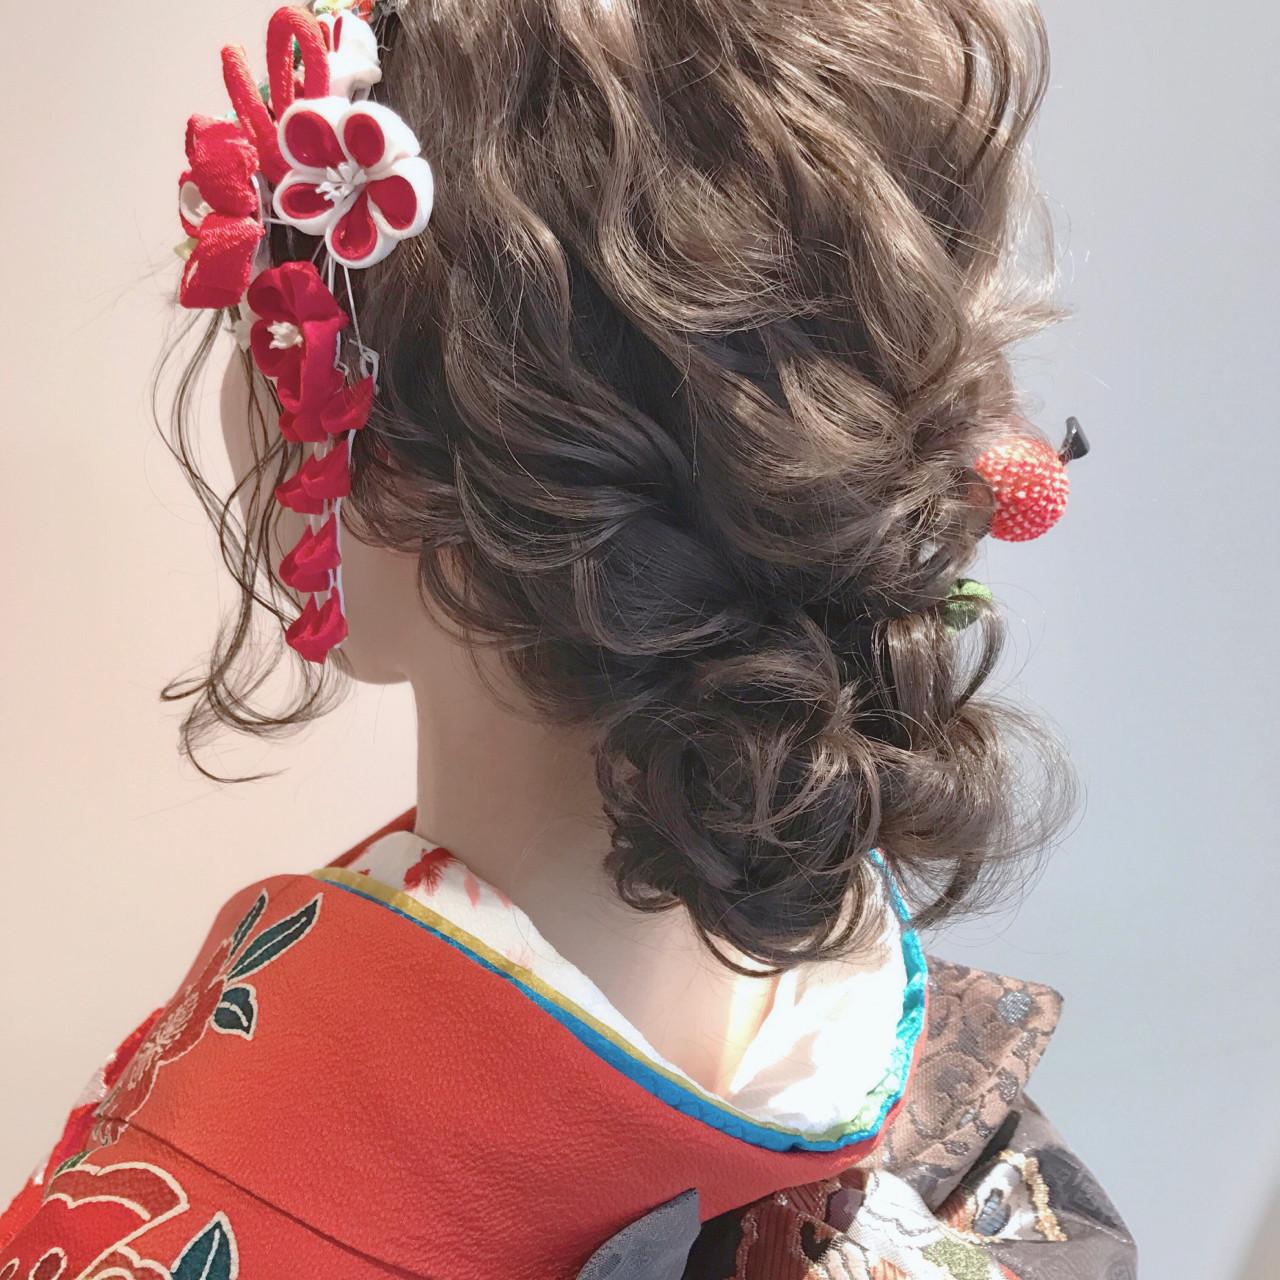 今っぽさが重要な成人式の髪型特集♡一番の主役になれるヘアスタイル